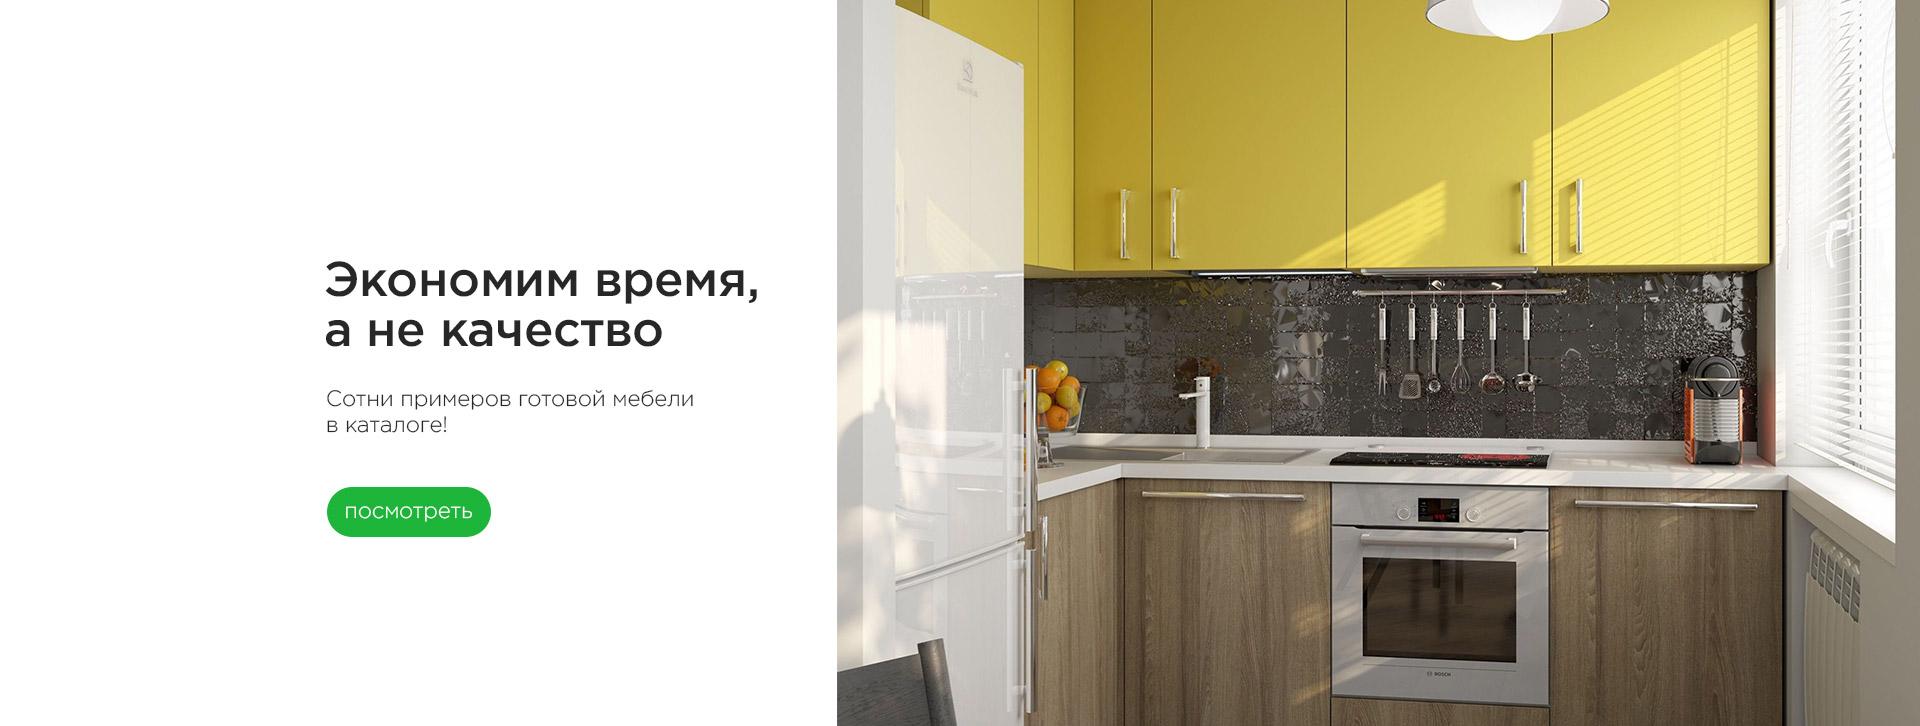 Кухни под заказ Ирпень, Буча, Киев. Примеры готовых работ